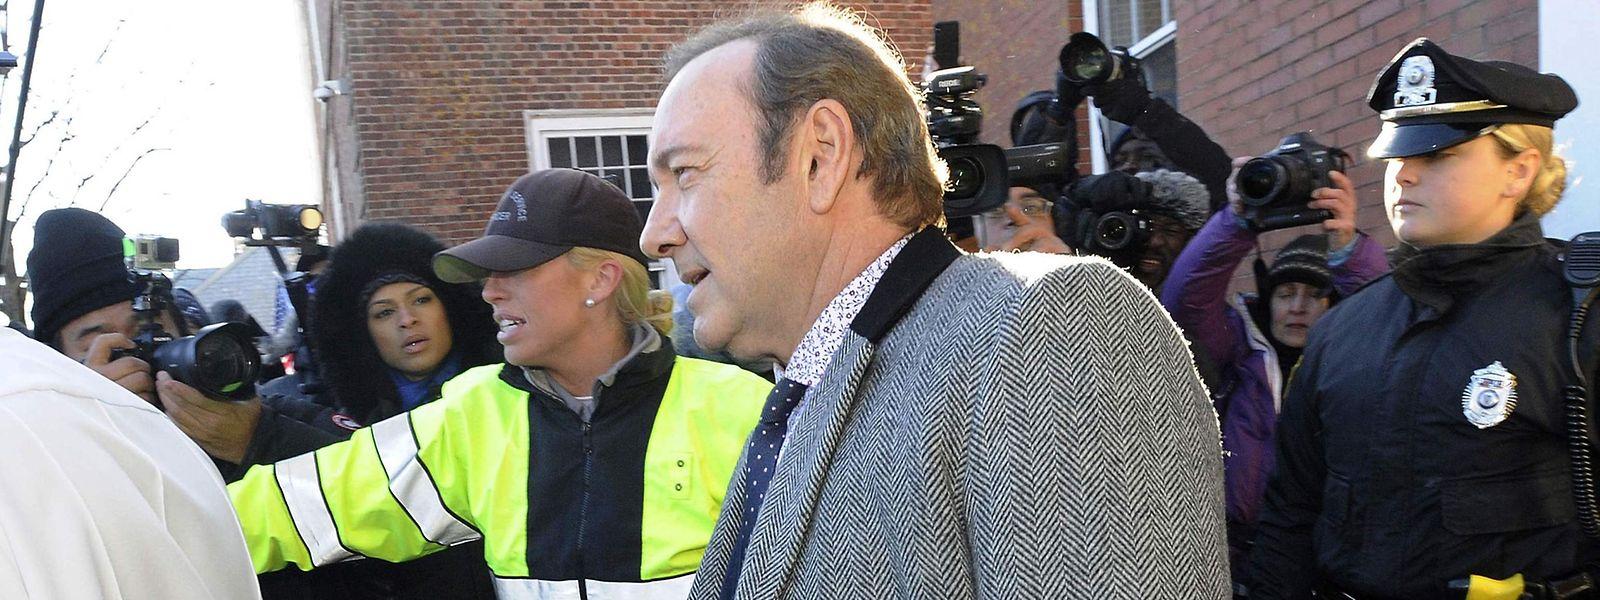 Kevin Spacey erscheint im Januar 2019 vor Gericht in Nantucket, Massachusetts.